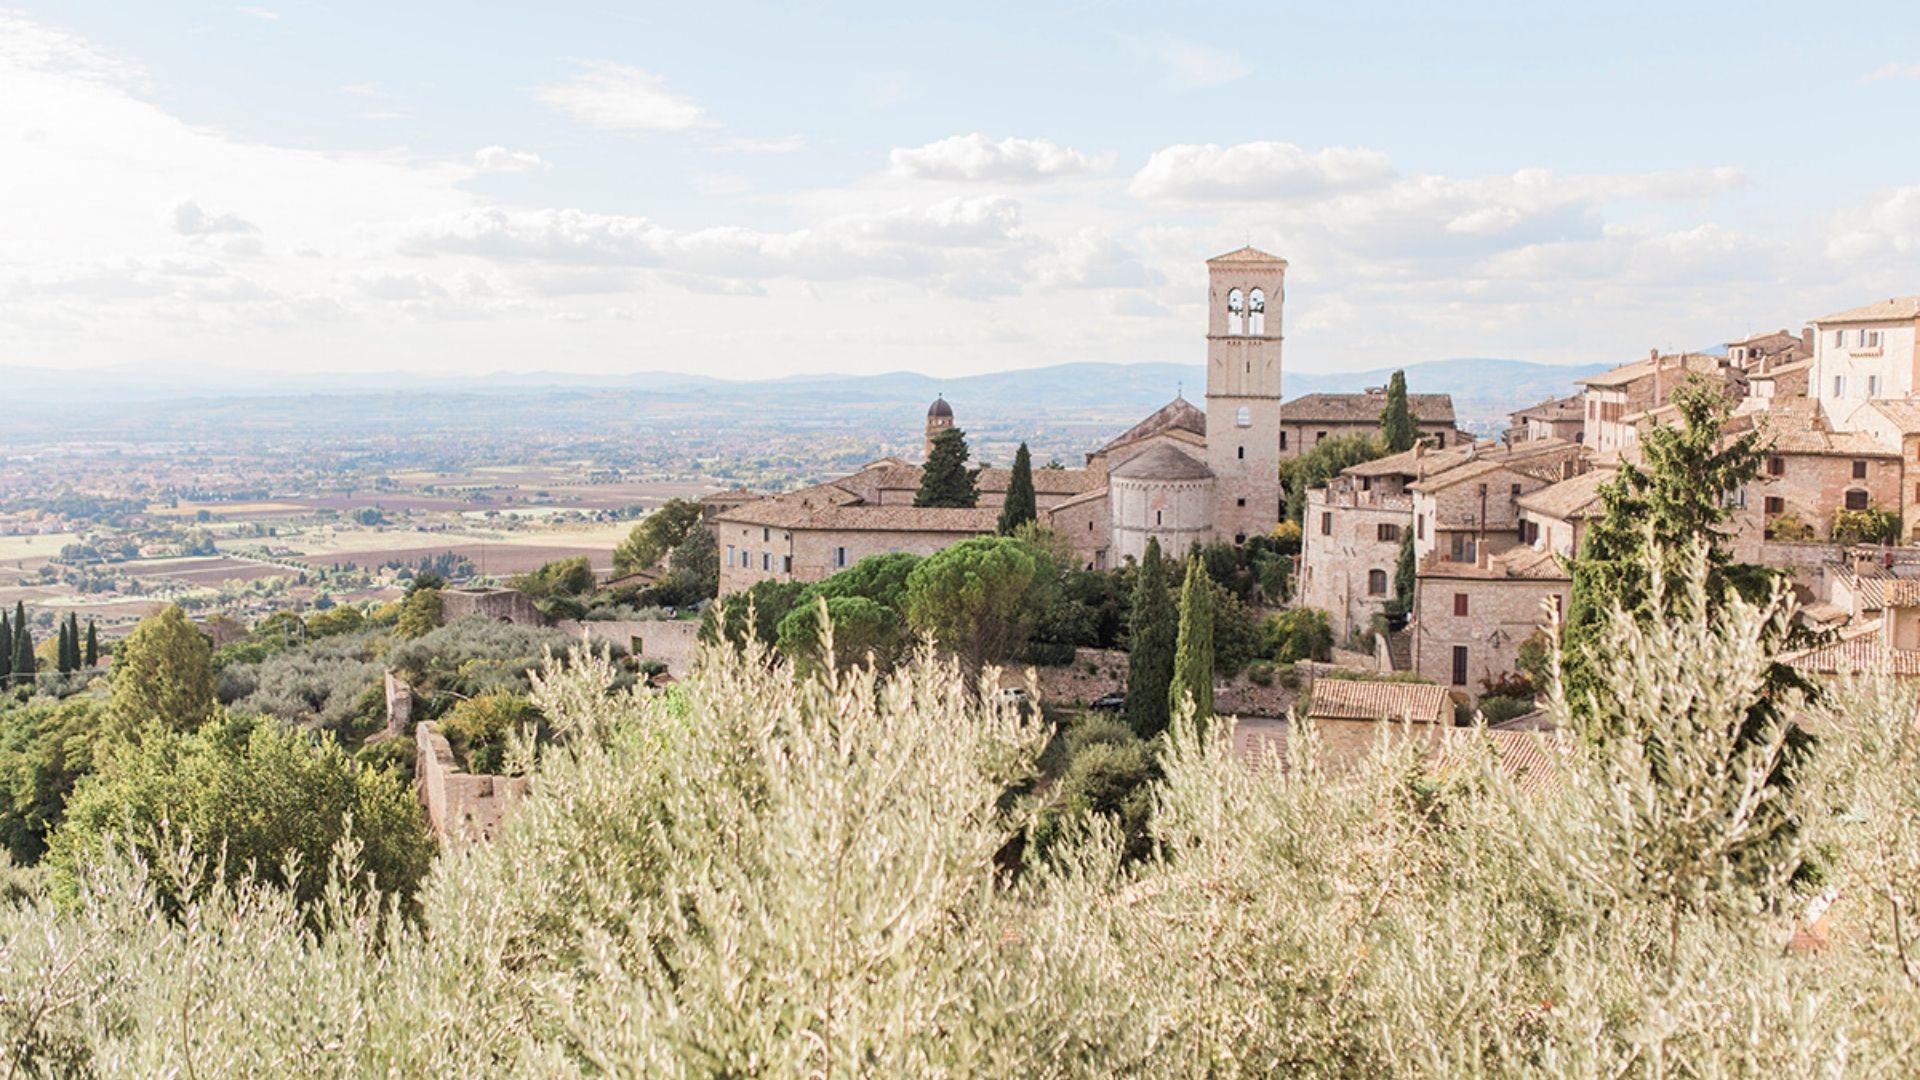 Panorama di una bellissima città in cui organizzare il proprio Destination Wedding in Umbria